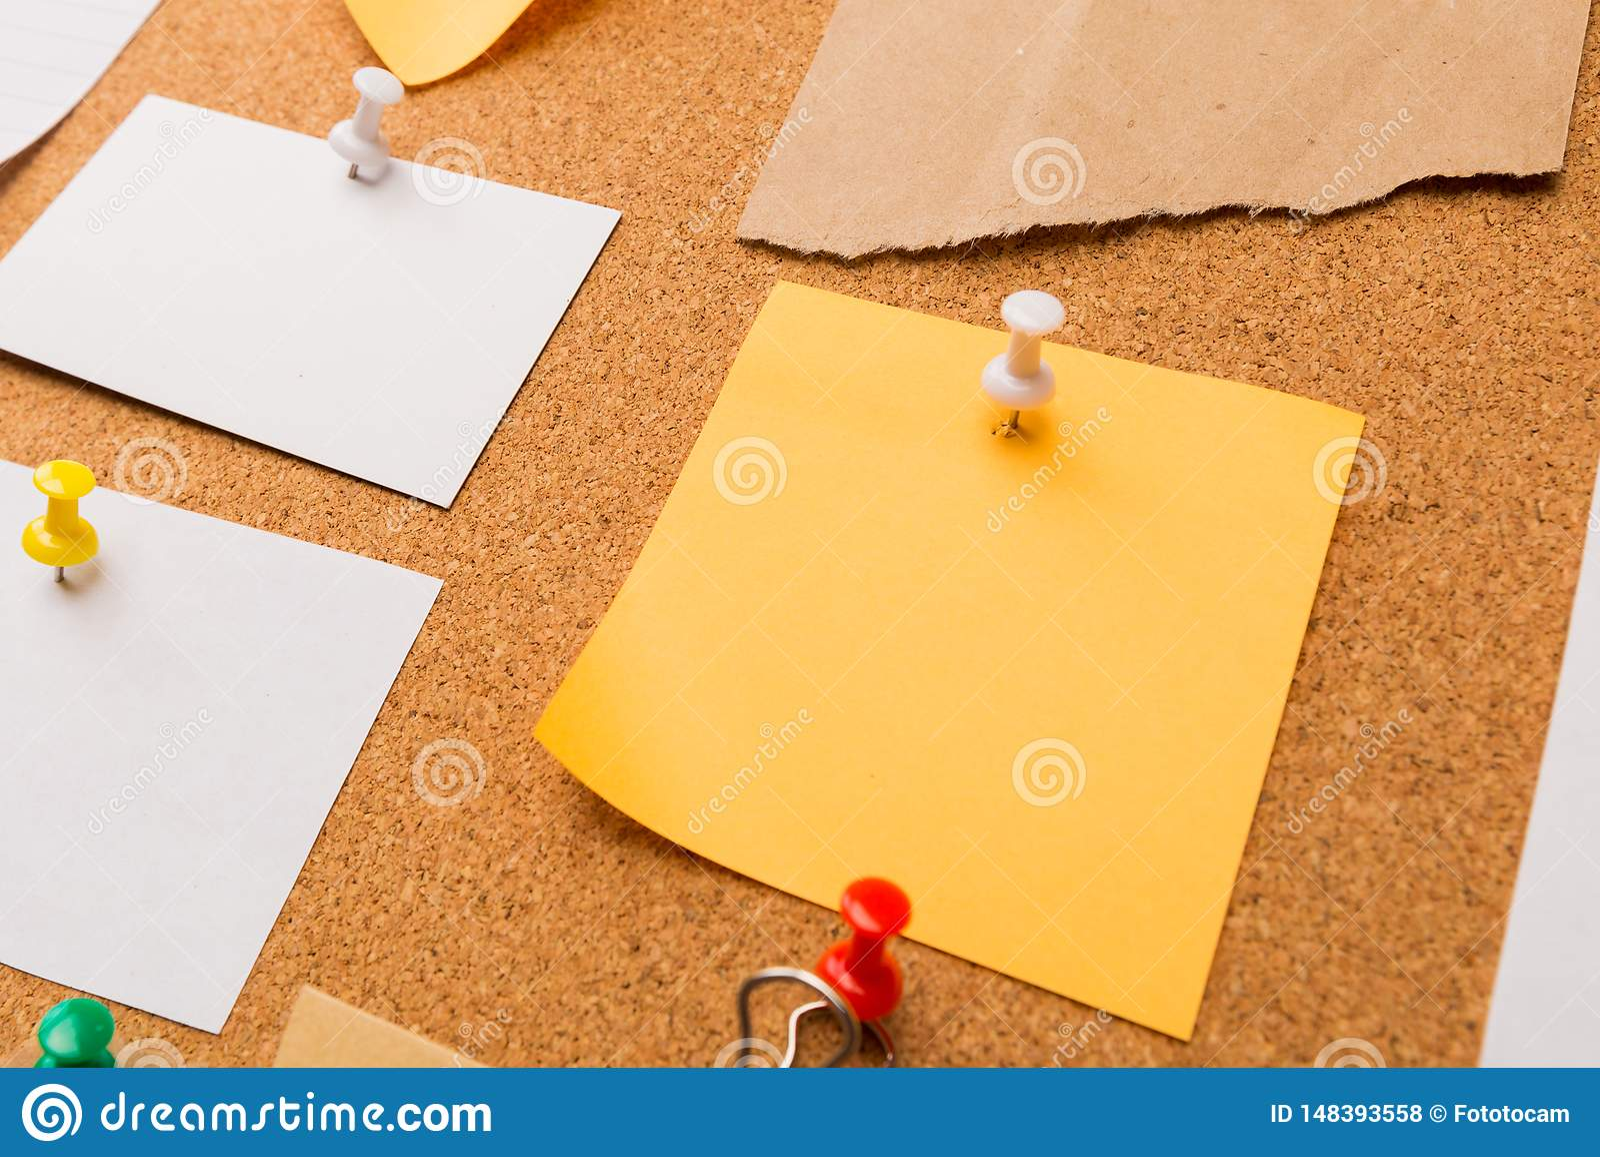 Korkowa deska z przypi?tymi barwionymi puste miejsce notatkami - wizerunek